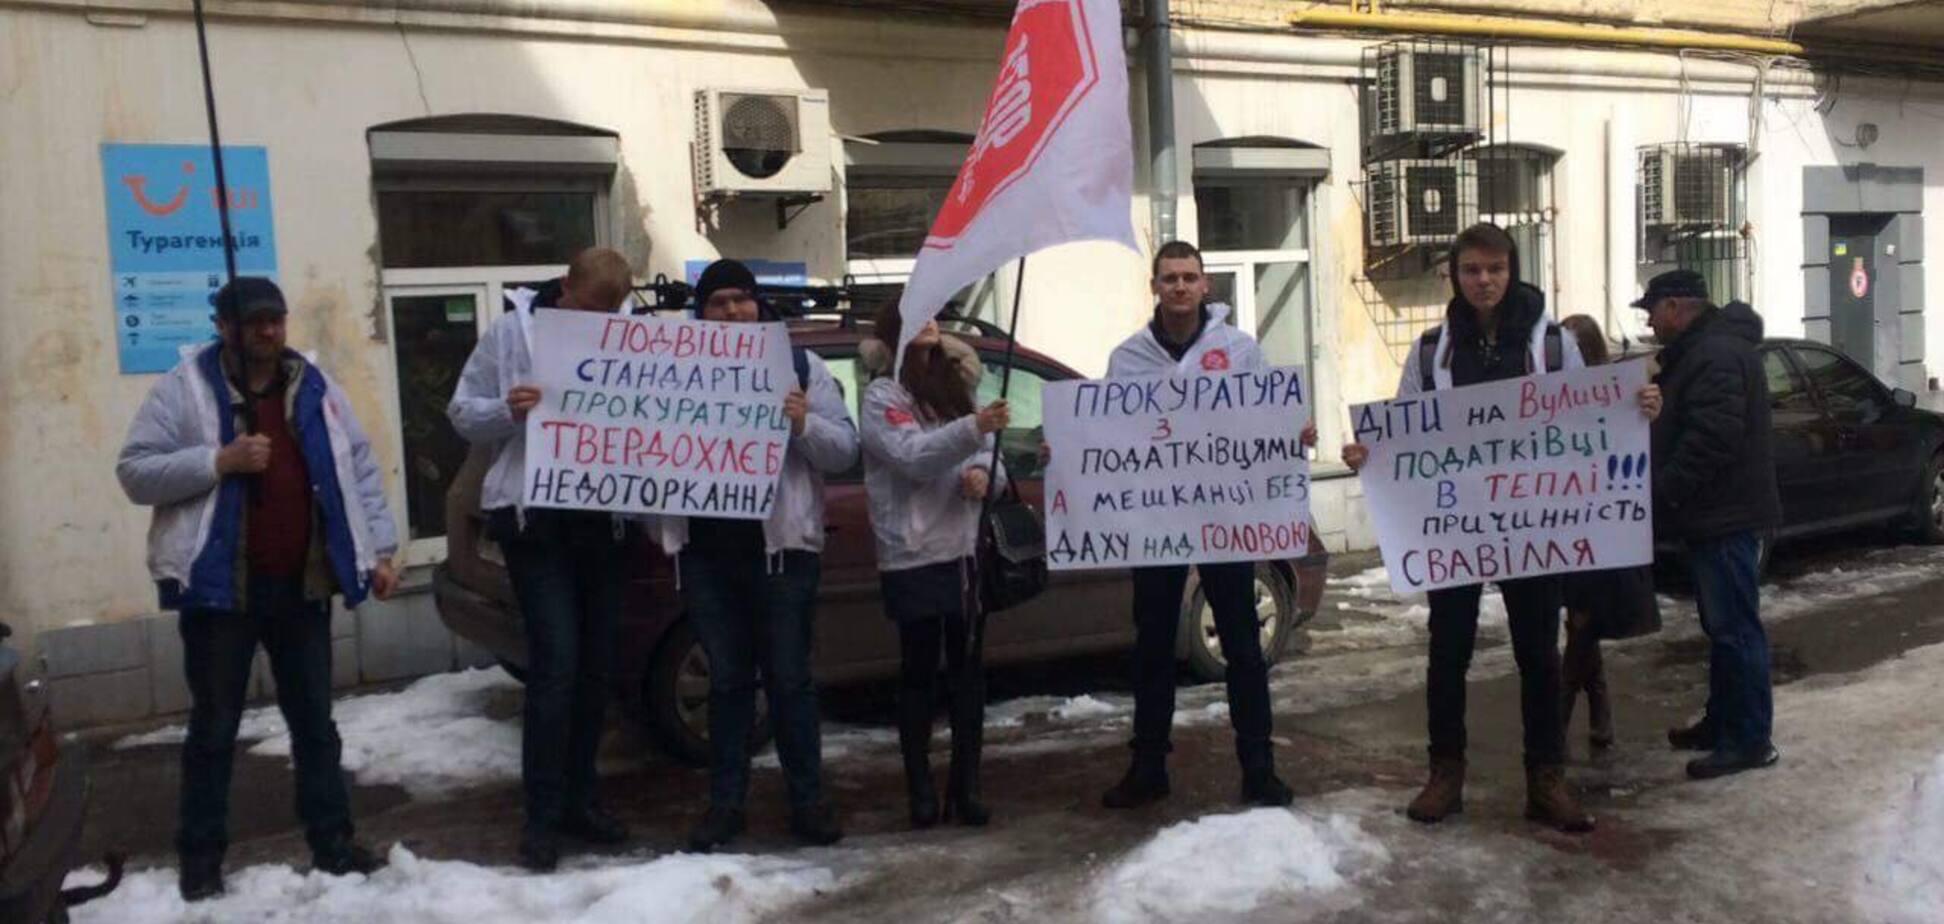 Захват общежития в Киеве: появились детали дела